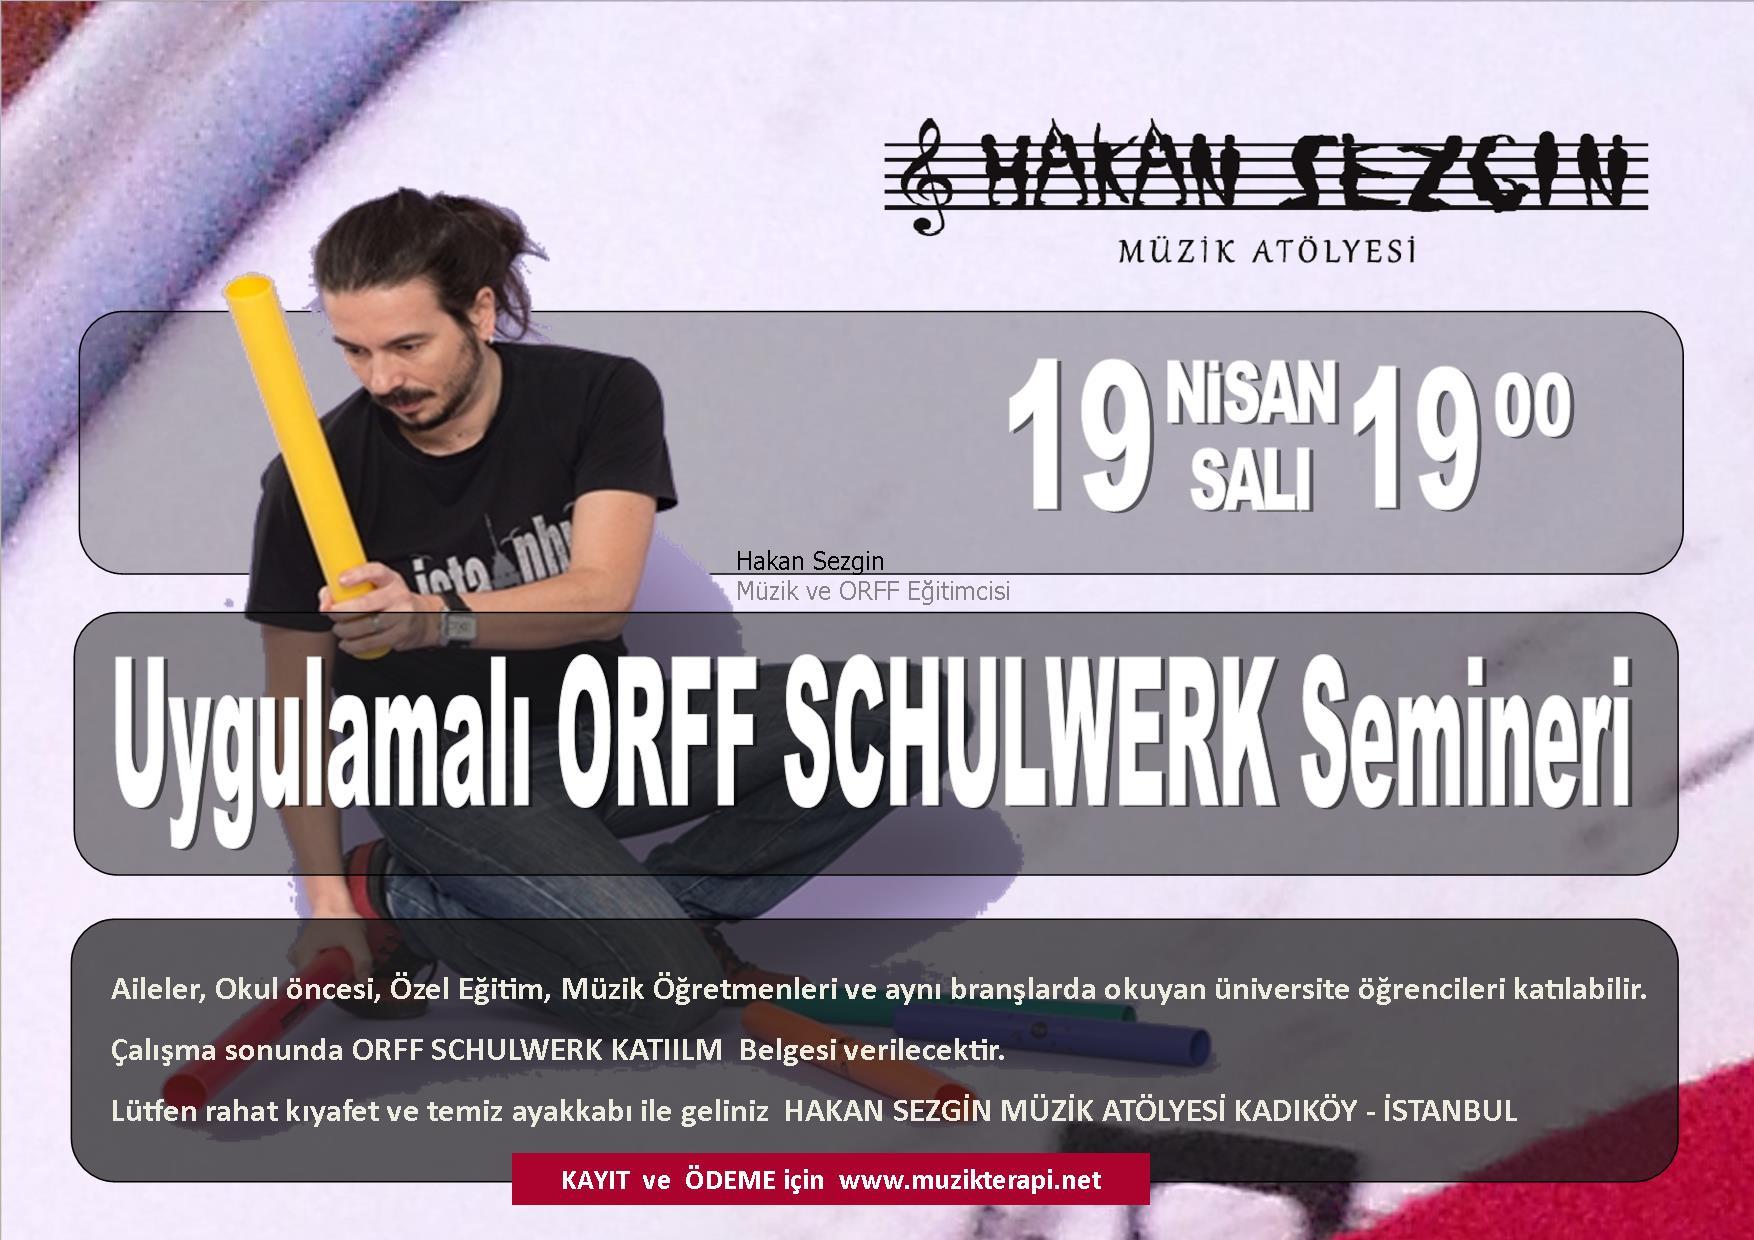 seminer nisan